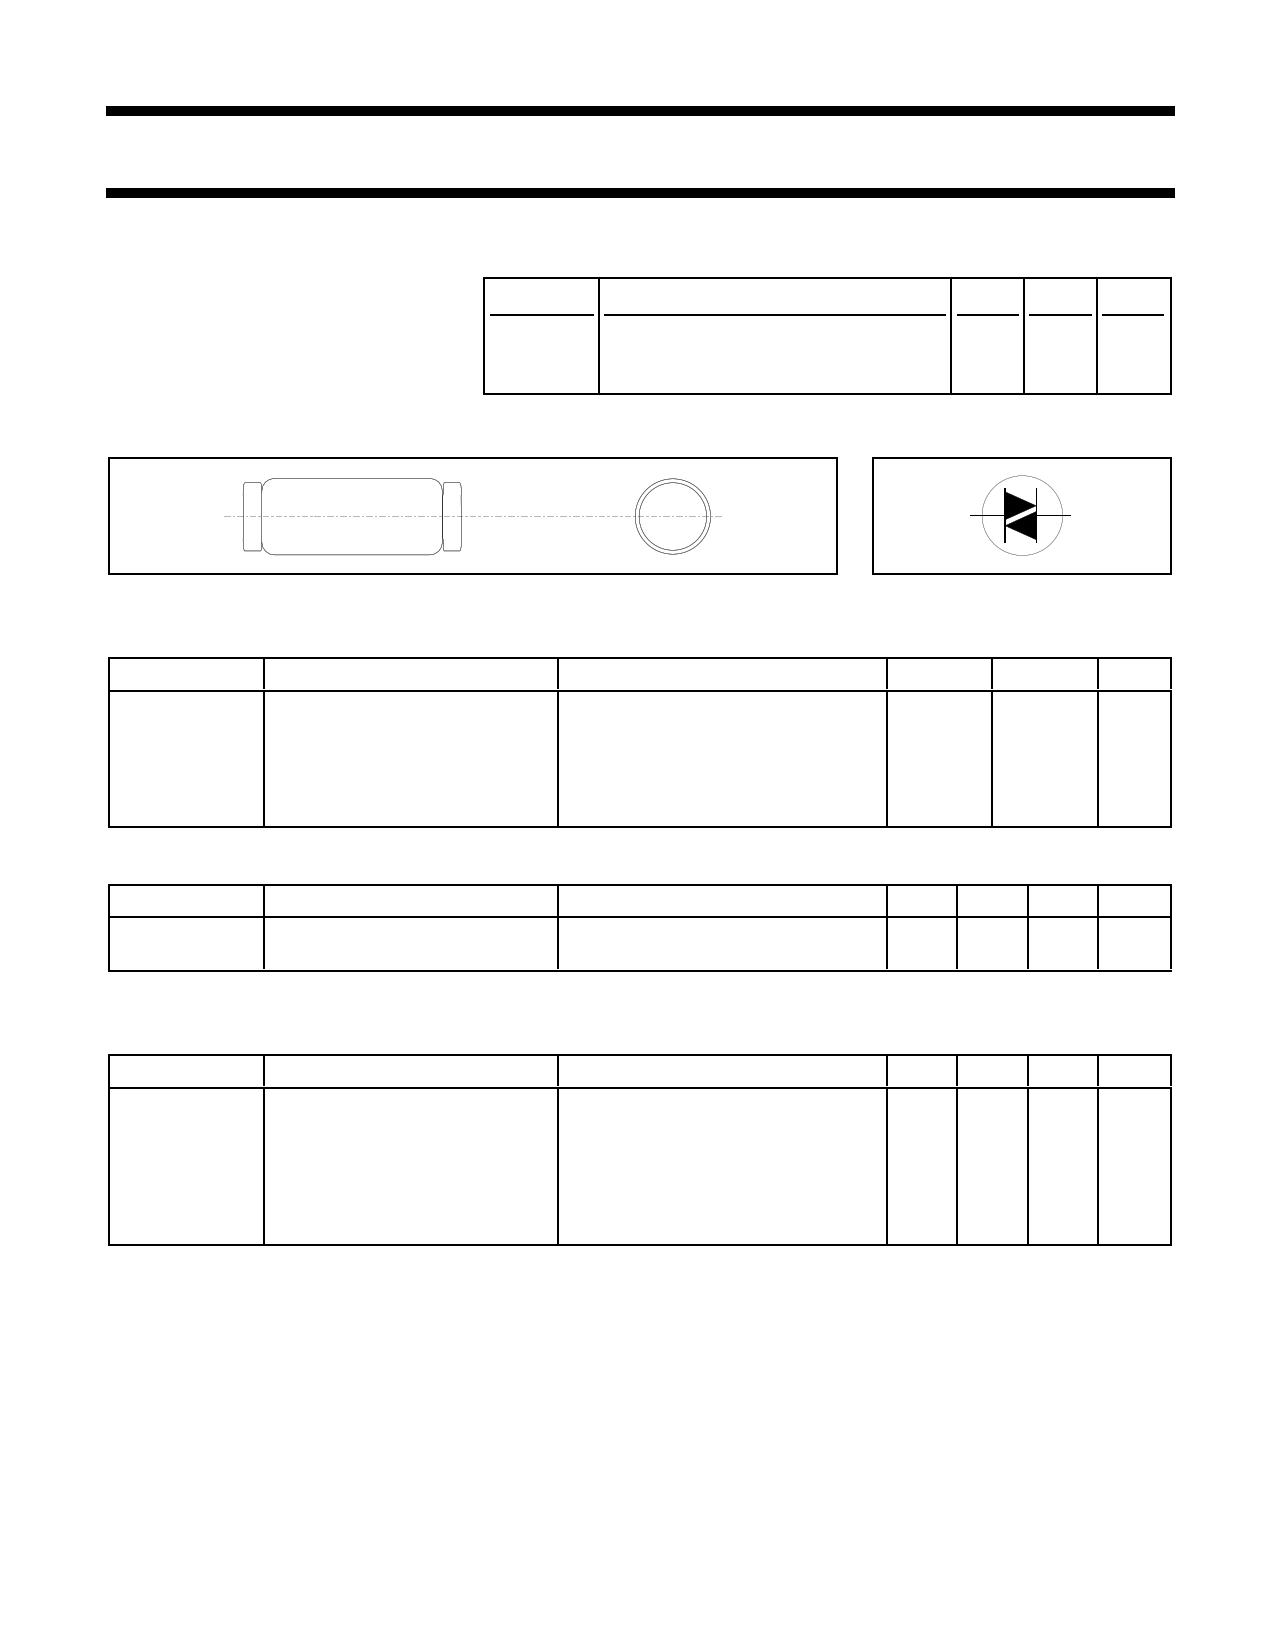 BR100 Datasheet, BR100 PDF,ピン配置, 機能